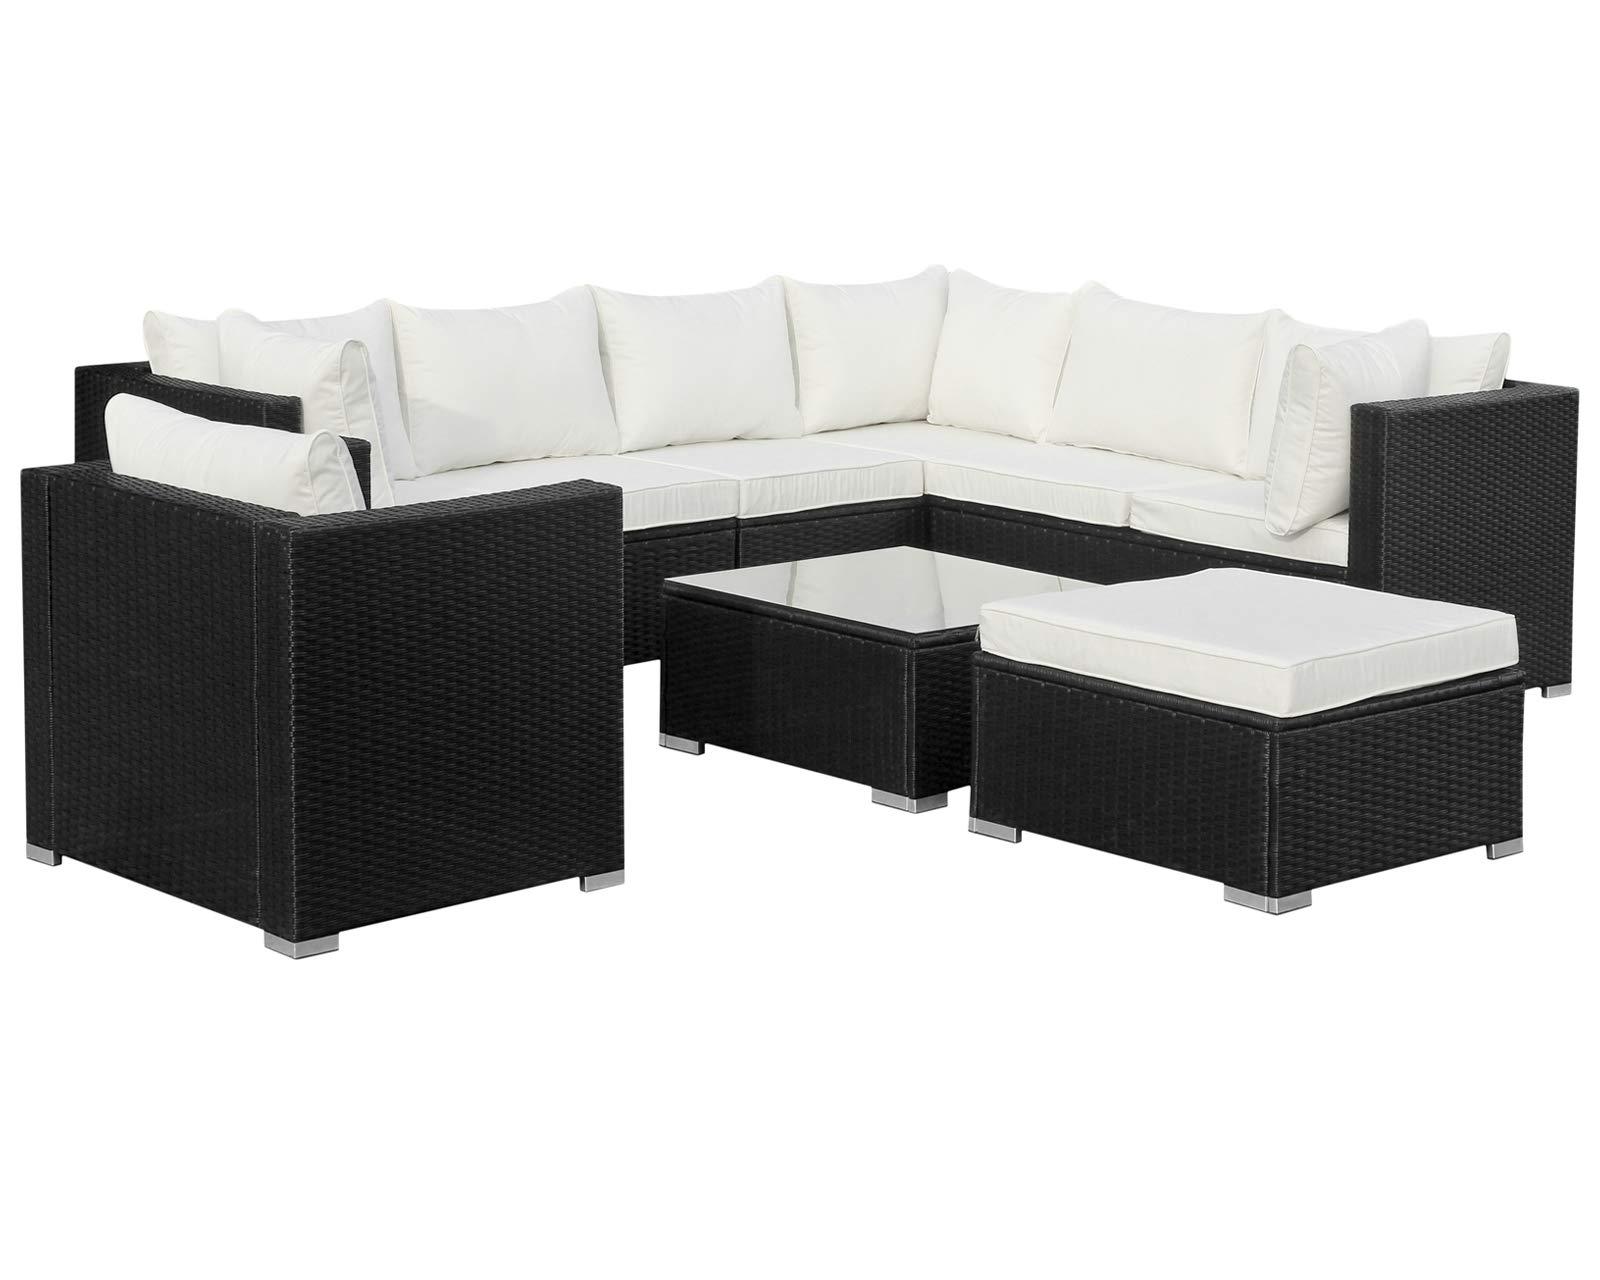 Hansson Polyrattan Lounge Sitzgruppe Gartenmöbel Garnitur Poly